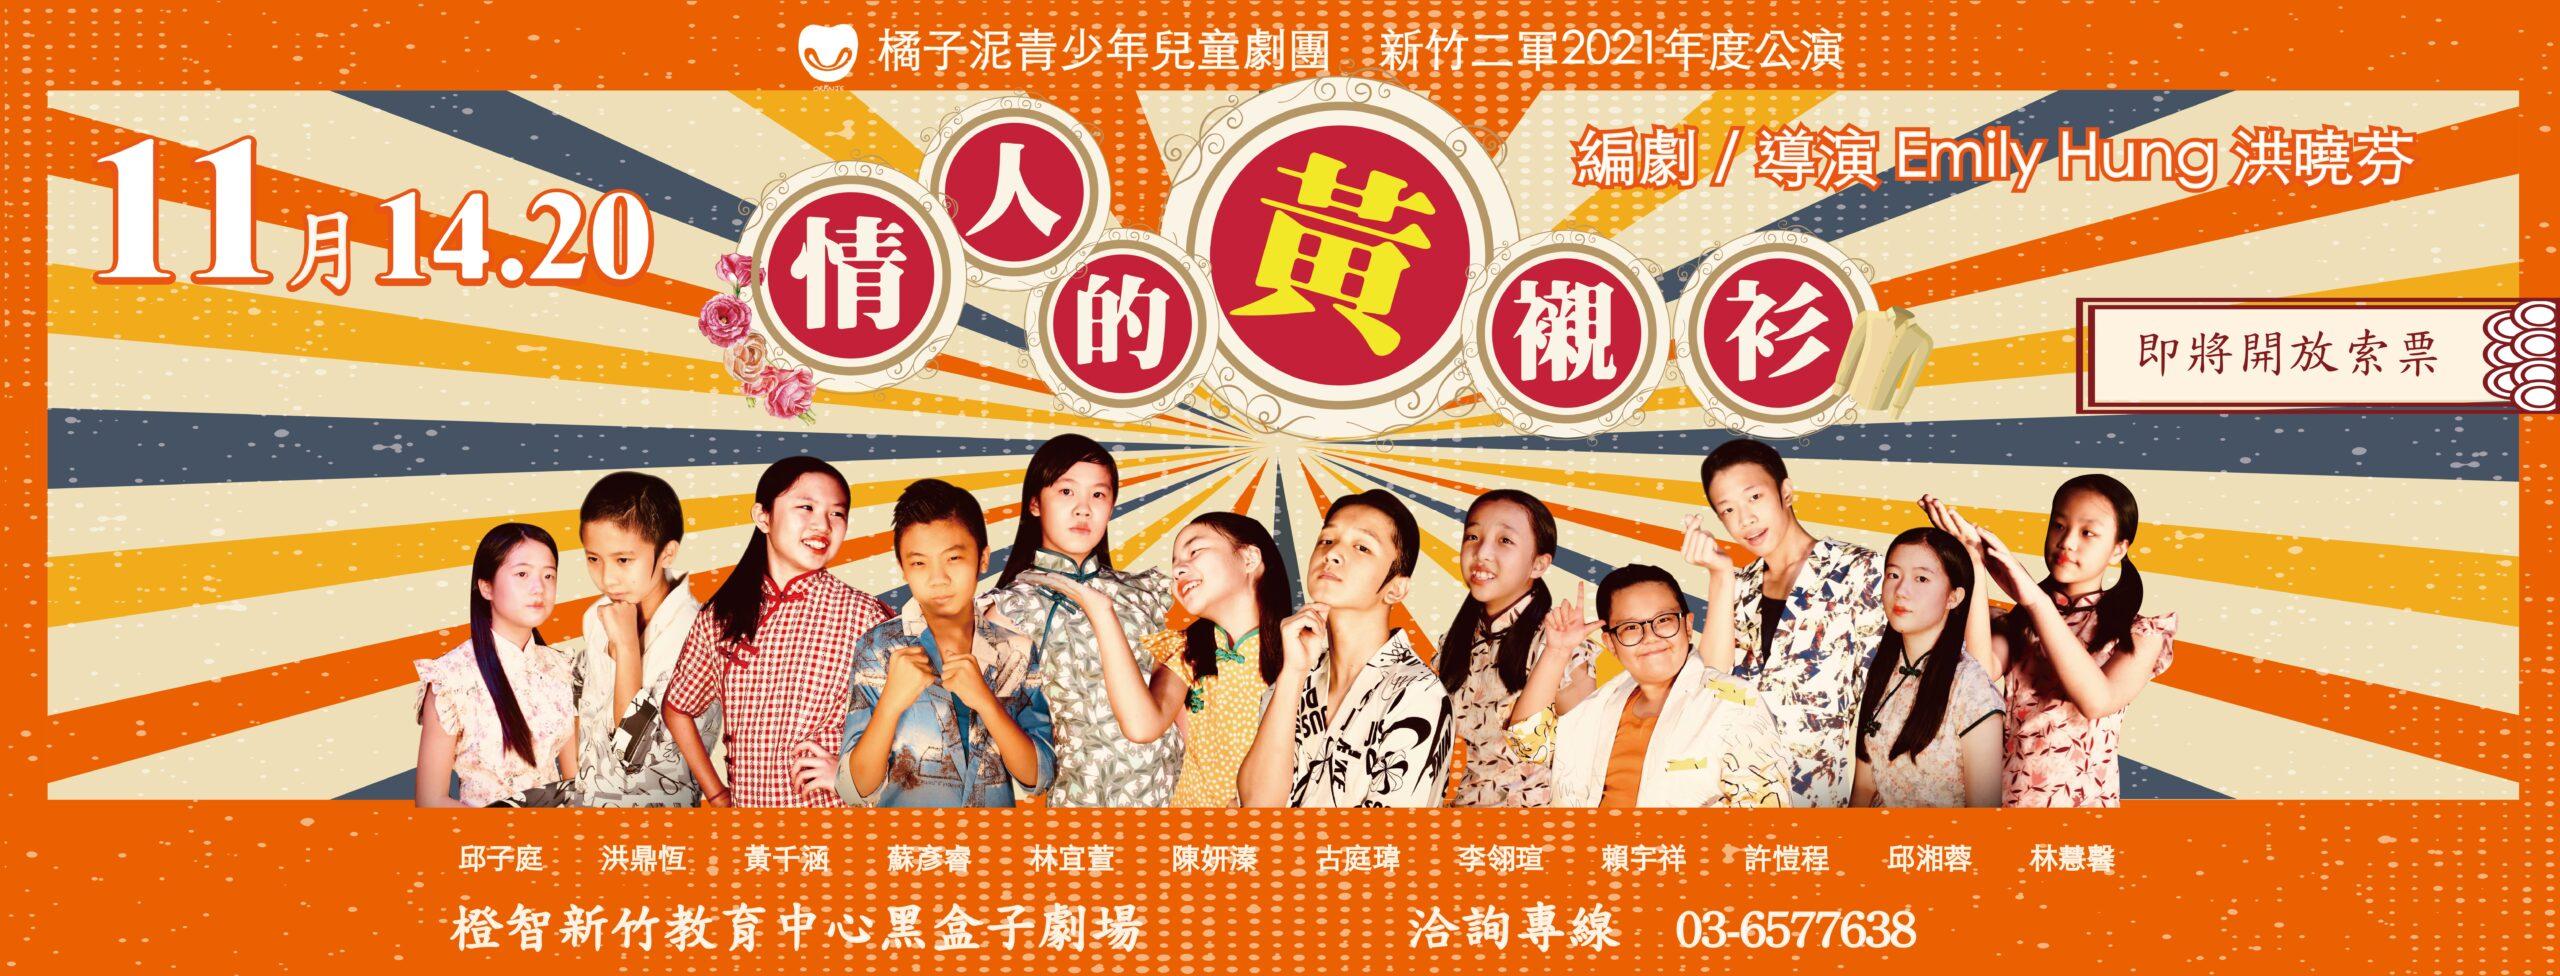 橘子泥青少年兒童劇團新竹二軍「情人的黃襯衫」開放索票!(11/14青少年兒童劇團團員家長專場)